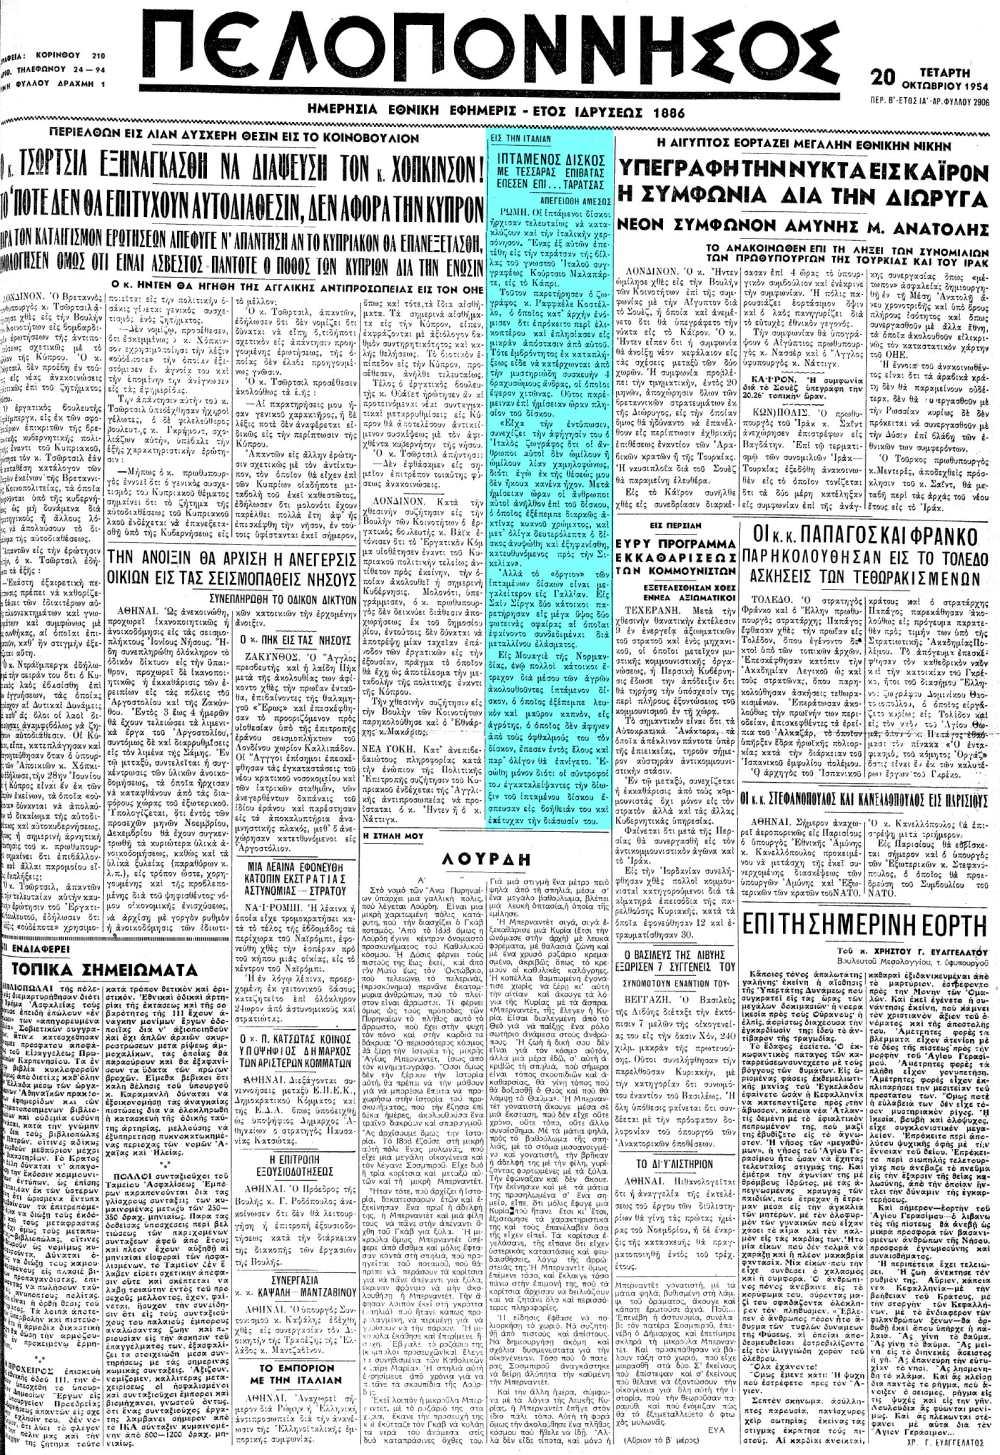 """Το άρθρο, όπως δημοσιεύθηκε στην εφημερίδα """"ΠΕΛΟΠΟΝΝΗΣΟΣ"""", στις 20/10/1954"""